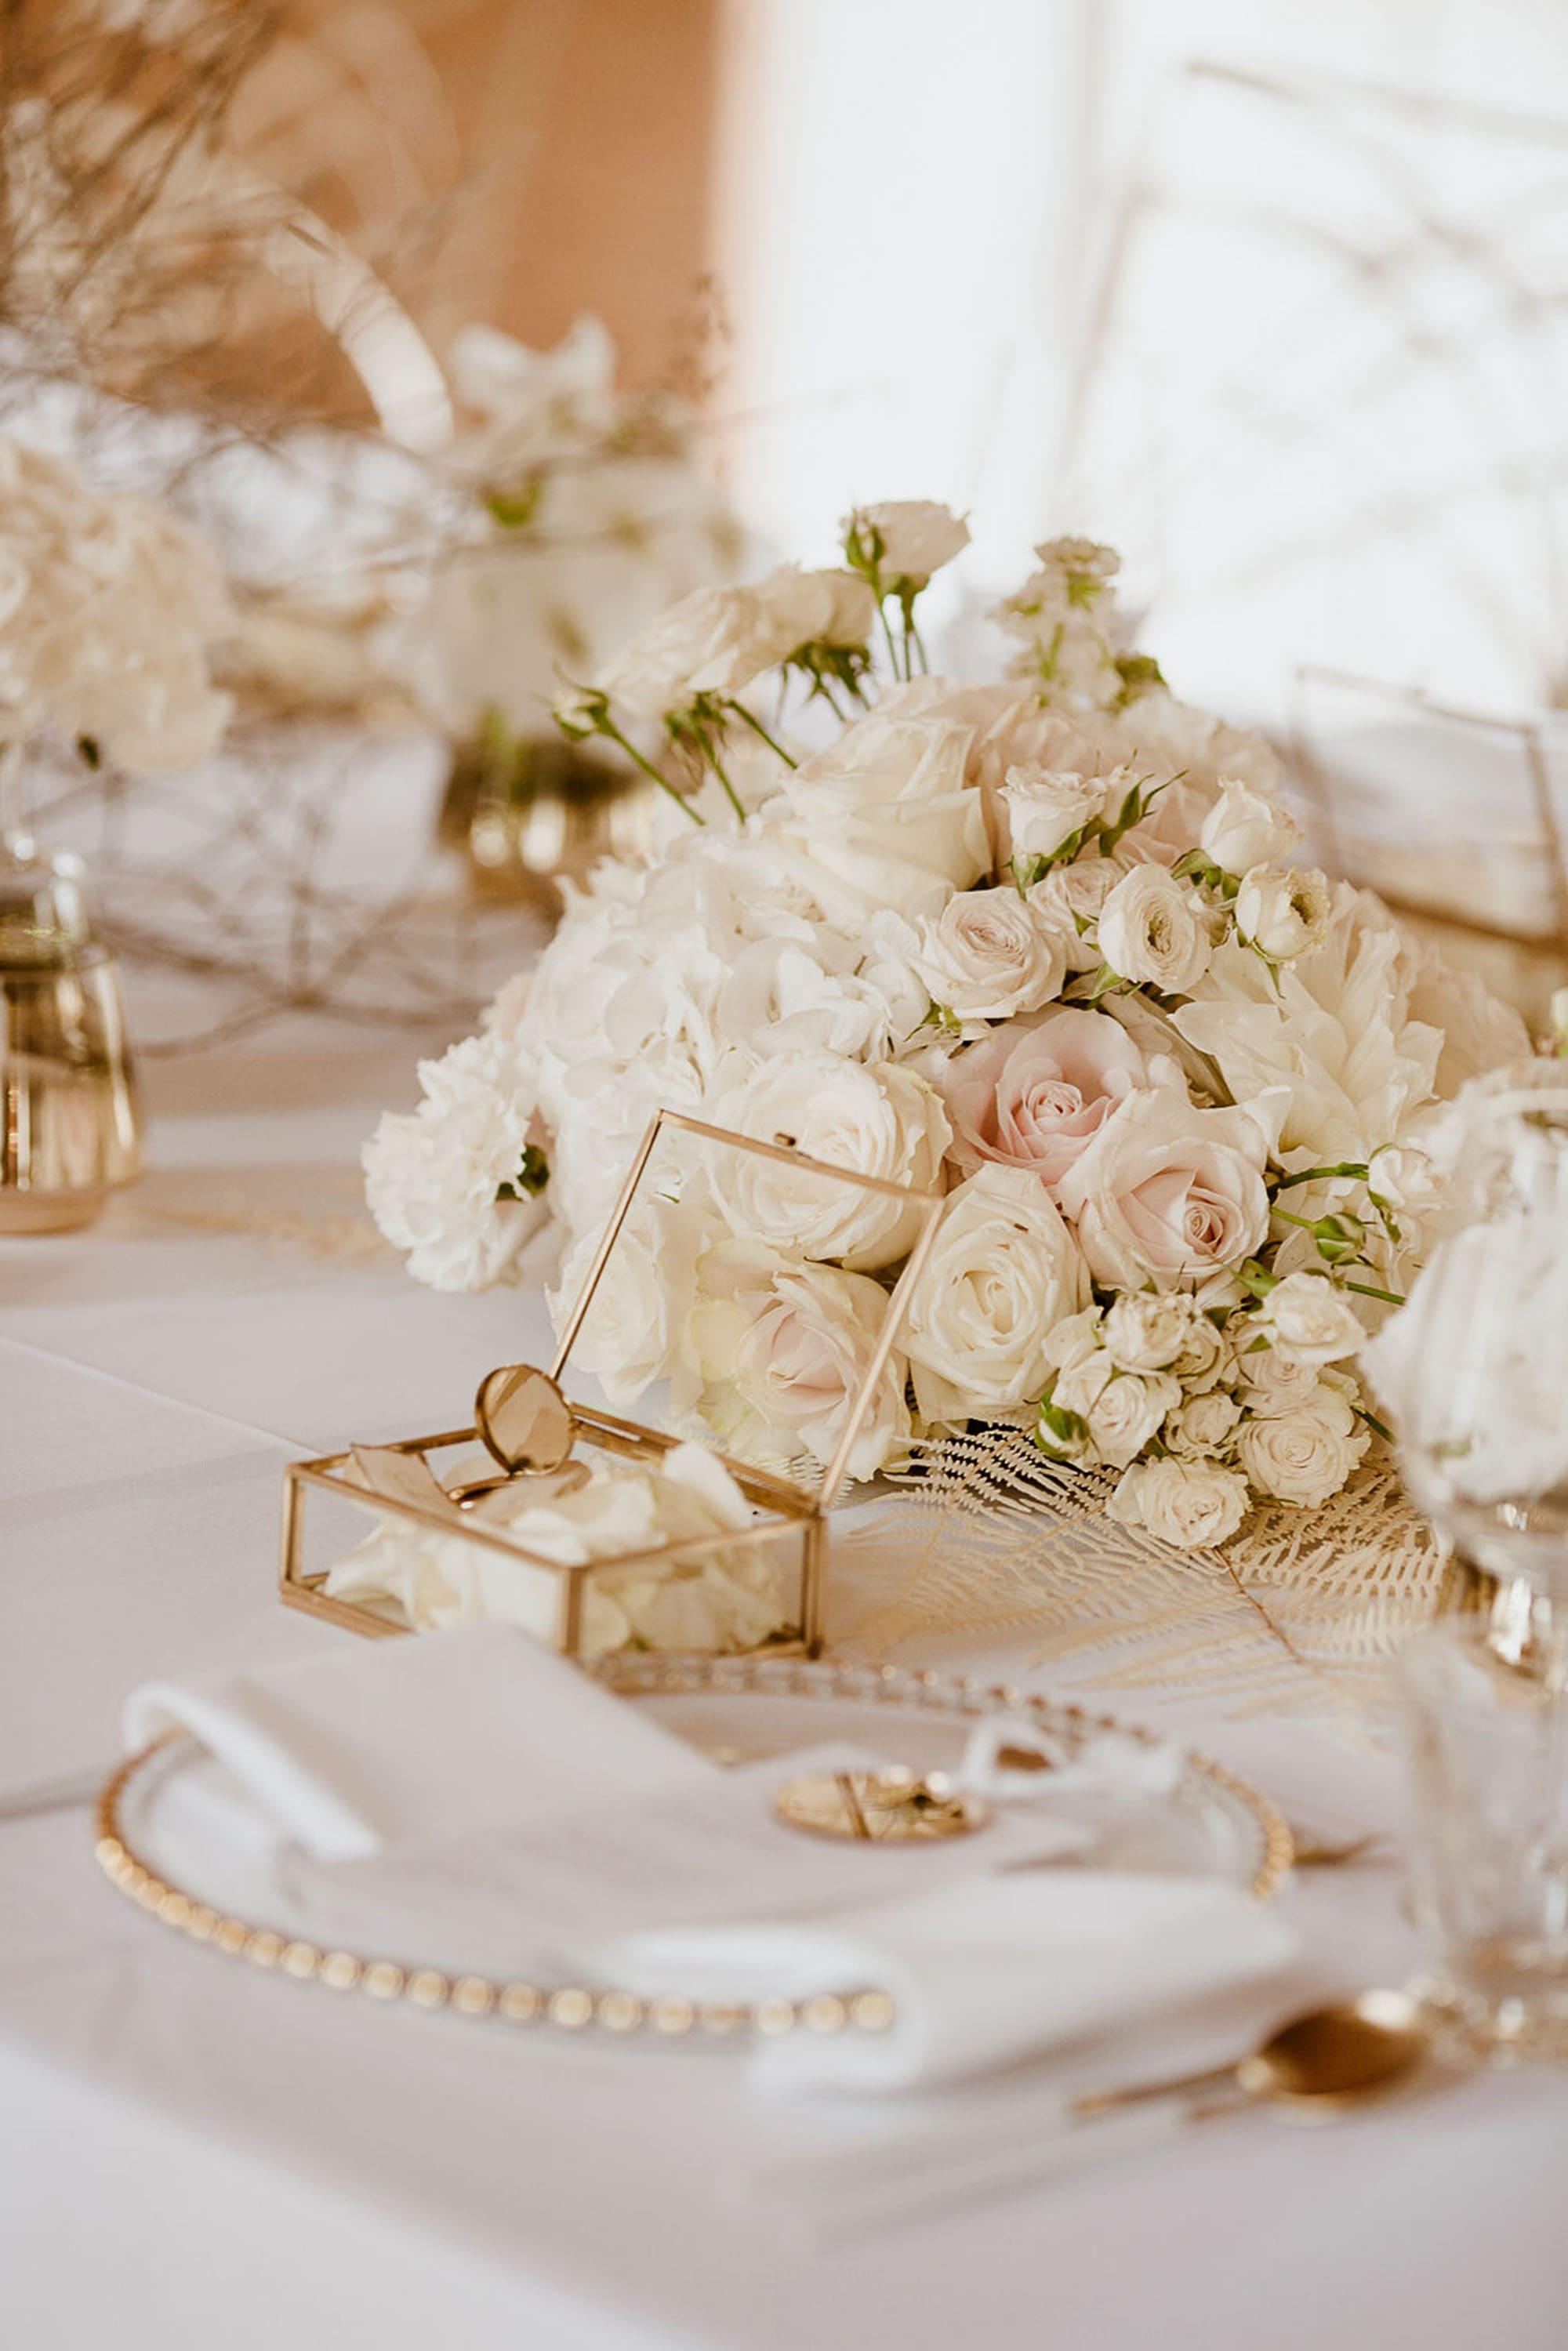 Tischgedeck mit weißen Rosen, Teller mit Goldrand und goldener Schatulle aus Glas